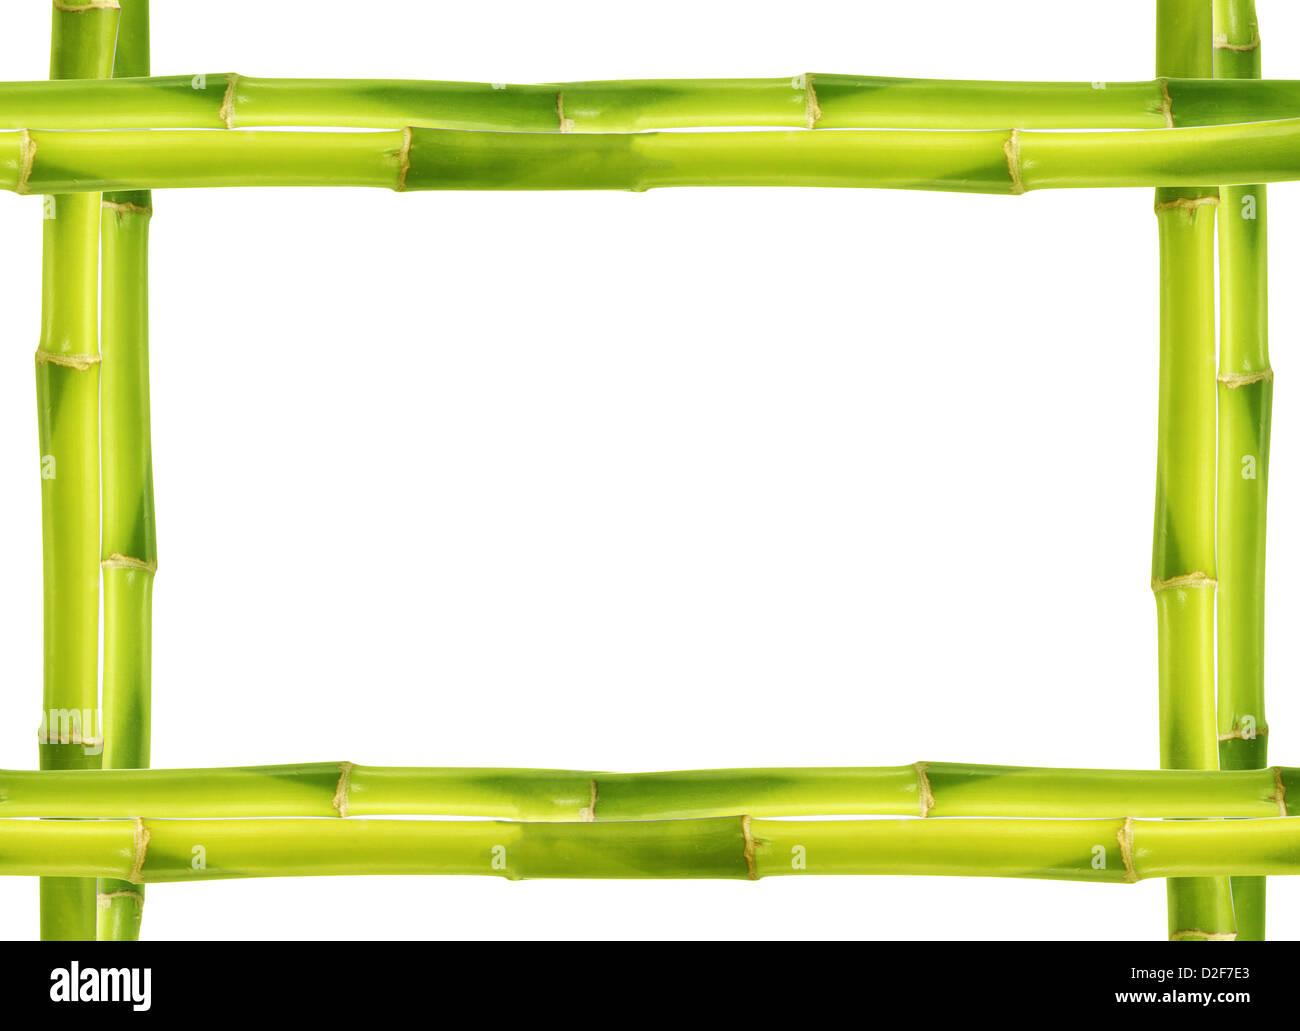 Bamboo Made Stockfotos & Bamboo Made Bilder - Alamy